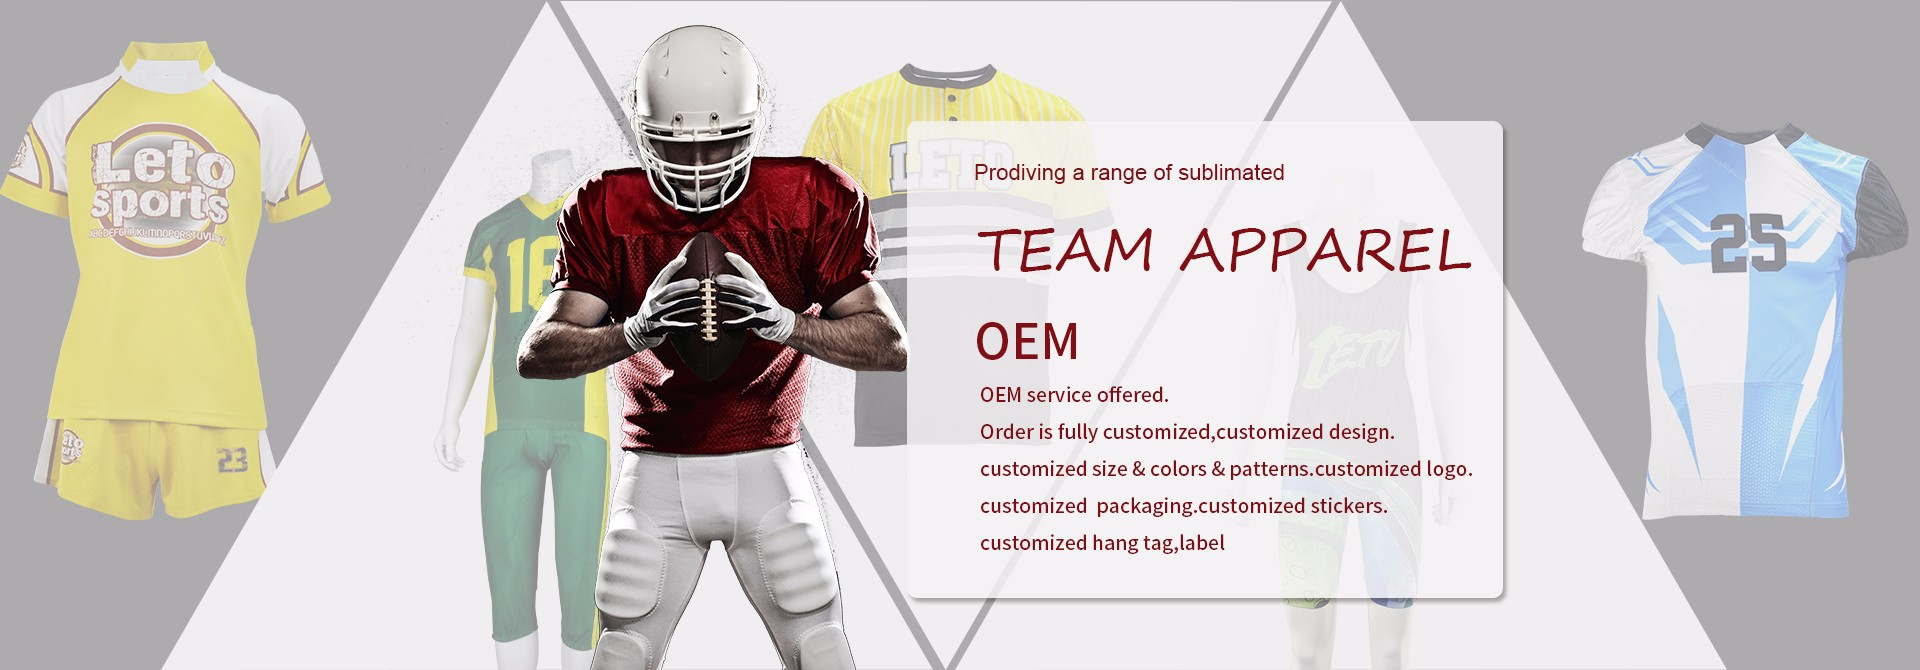 ad01d75f4 Comprar Uniformes de futebol americano